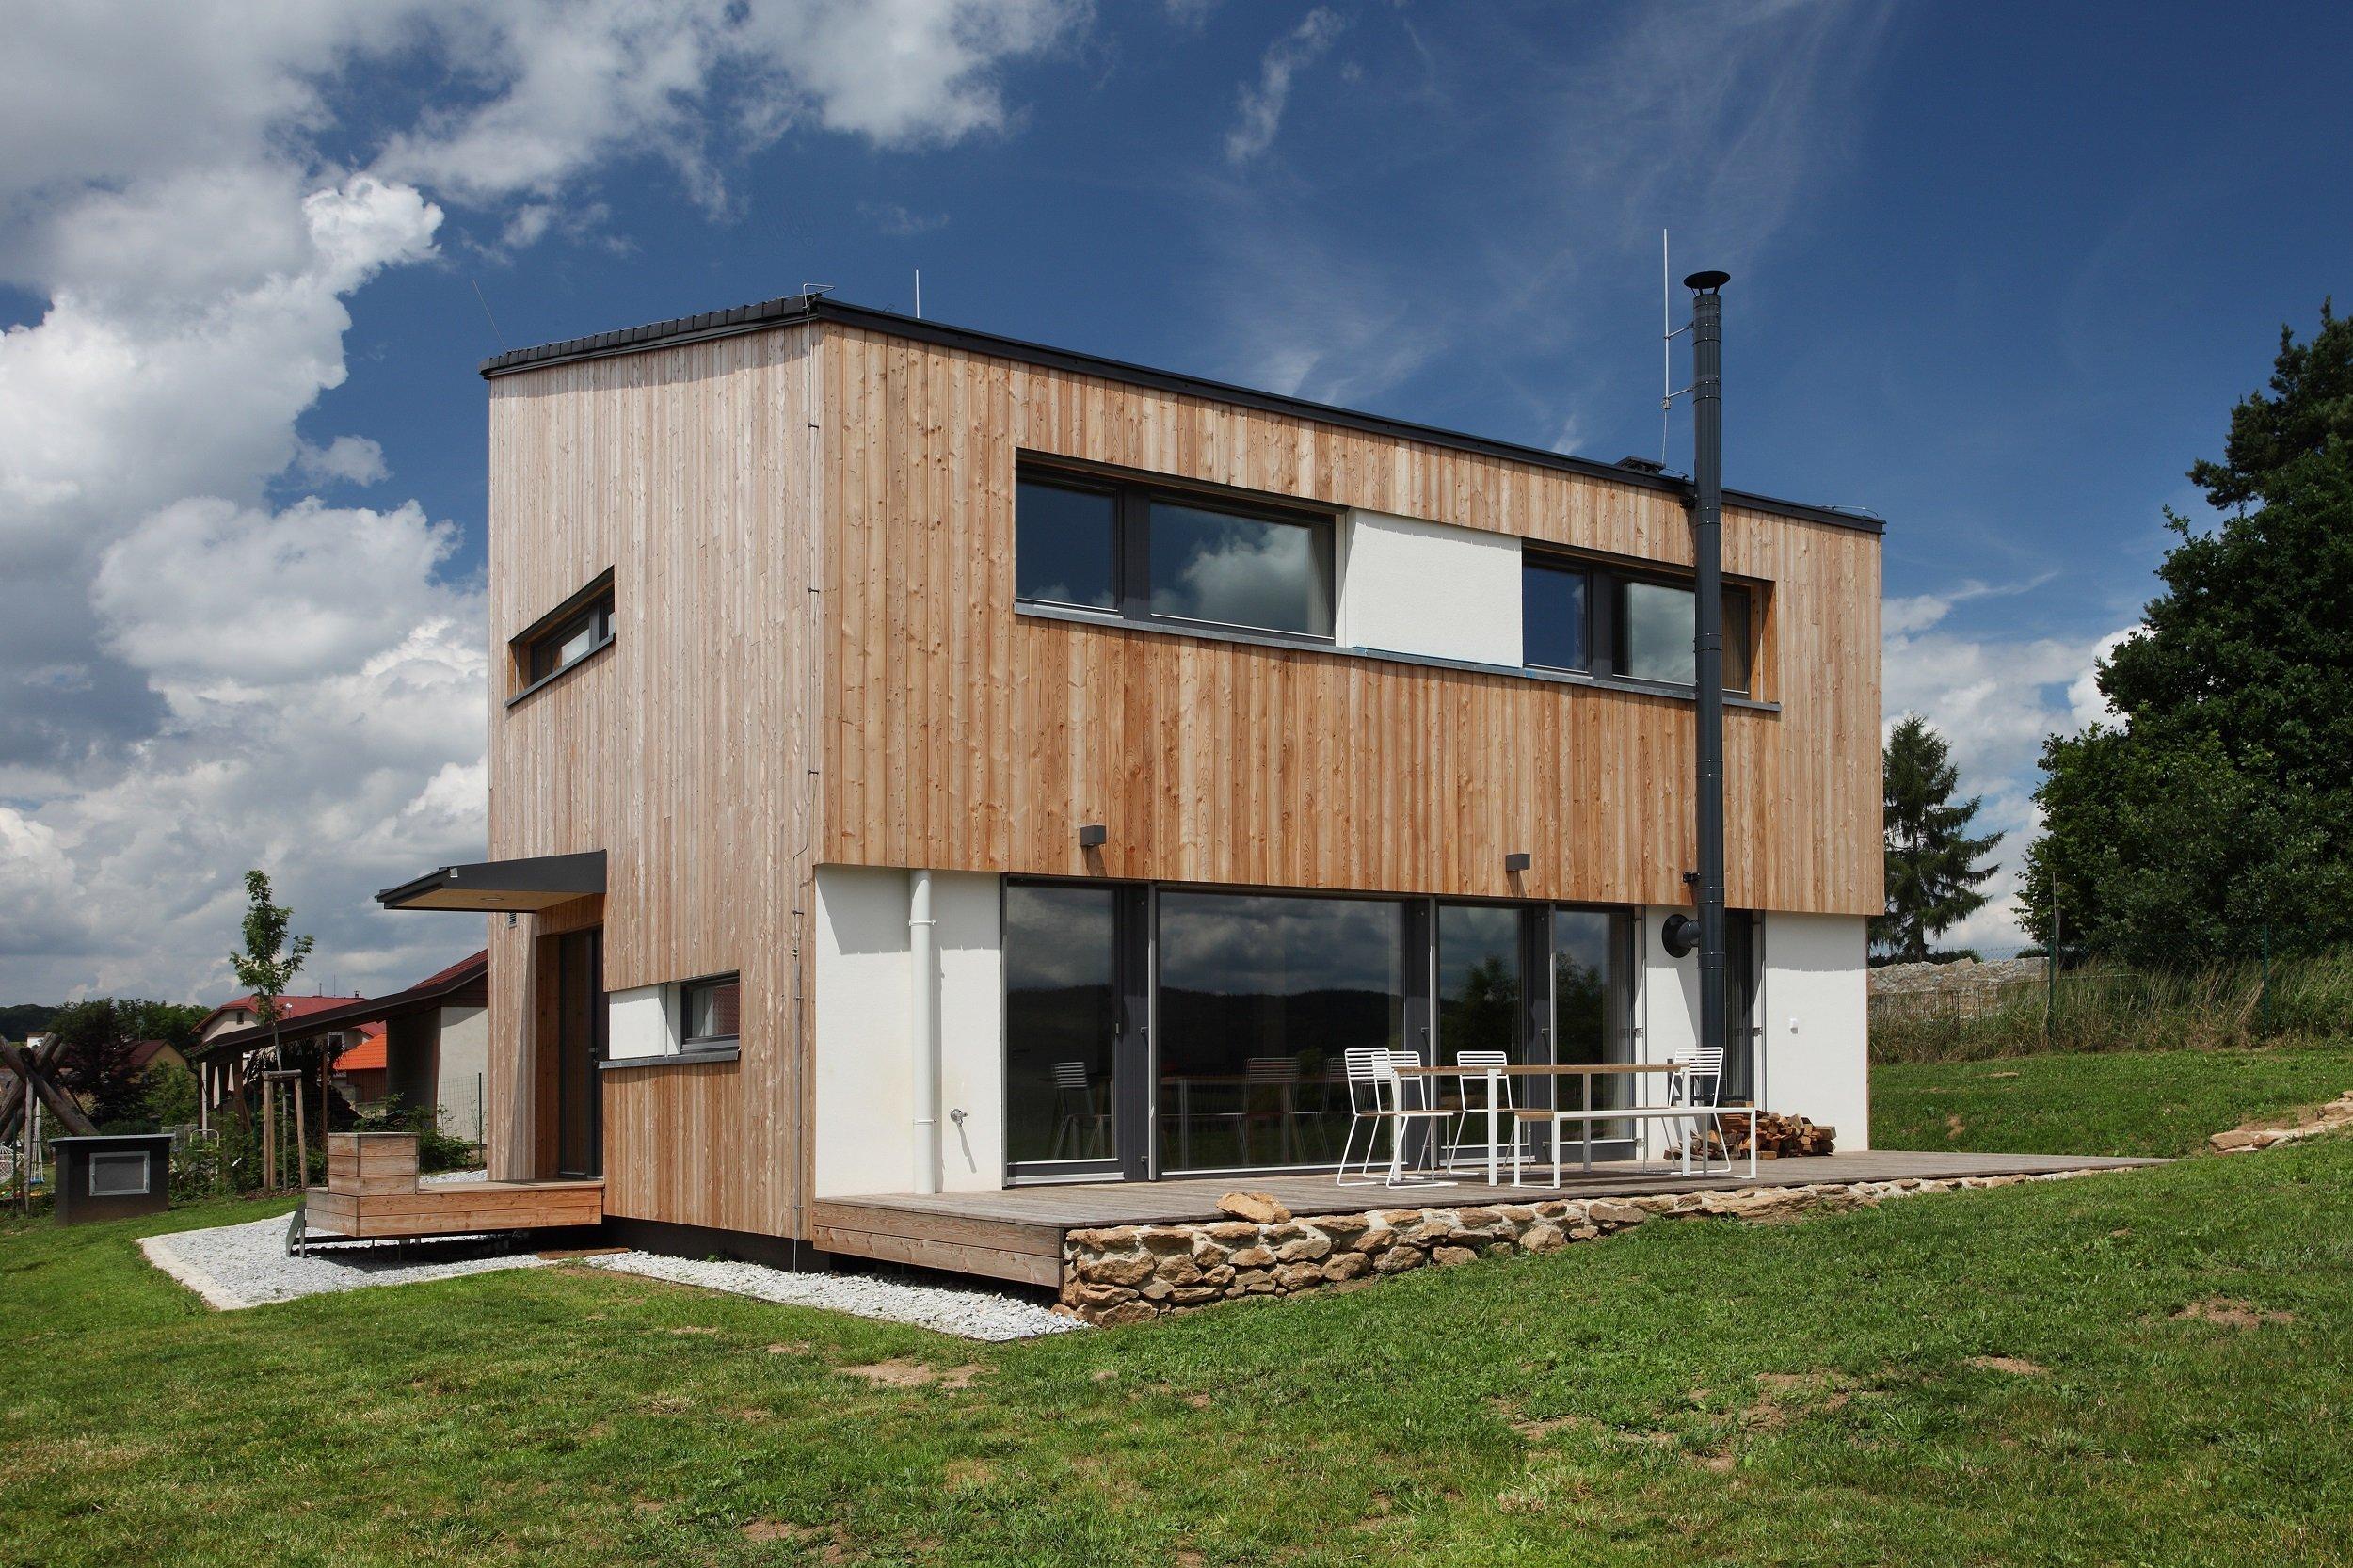 Domesi Concept House 2vBudíkověje postaven vpasivním standardus použitím stavebnítechnologie masivních dřevěných panelů…